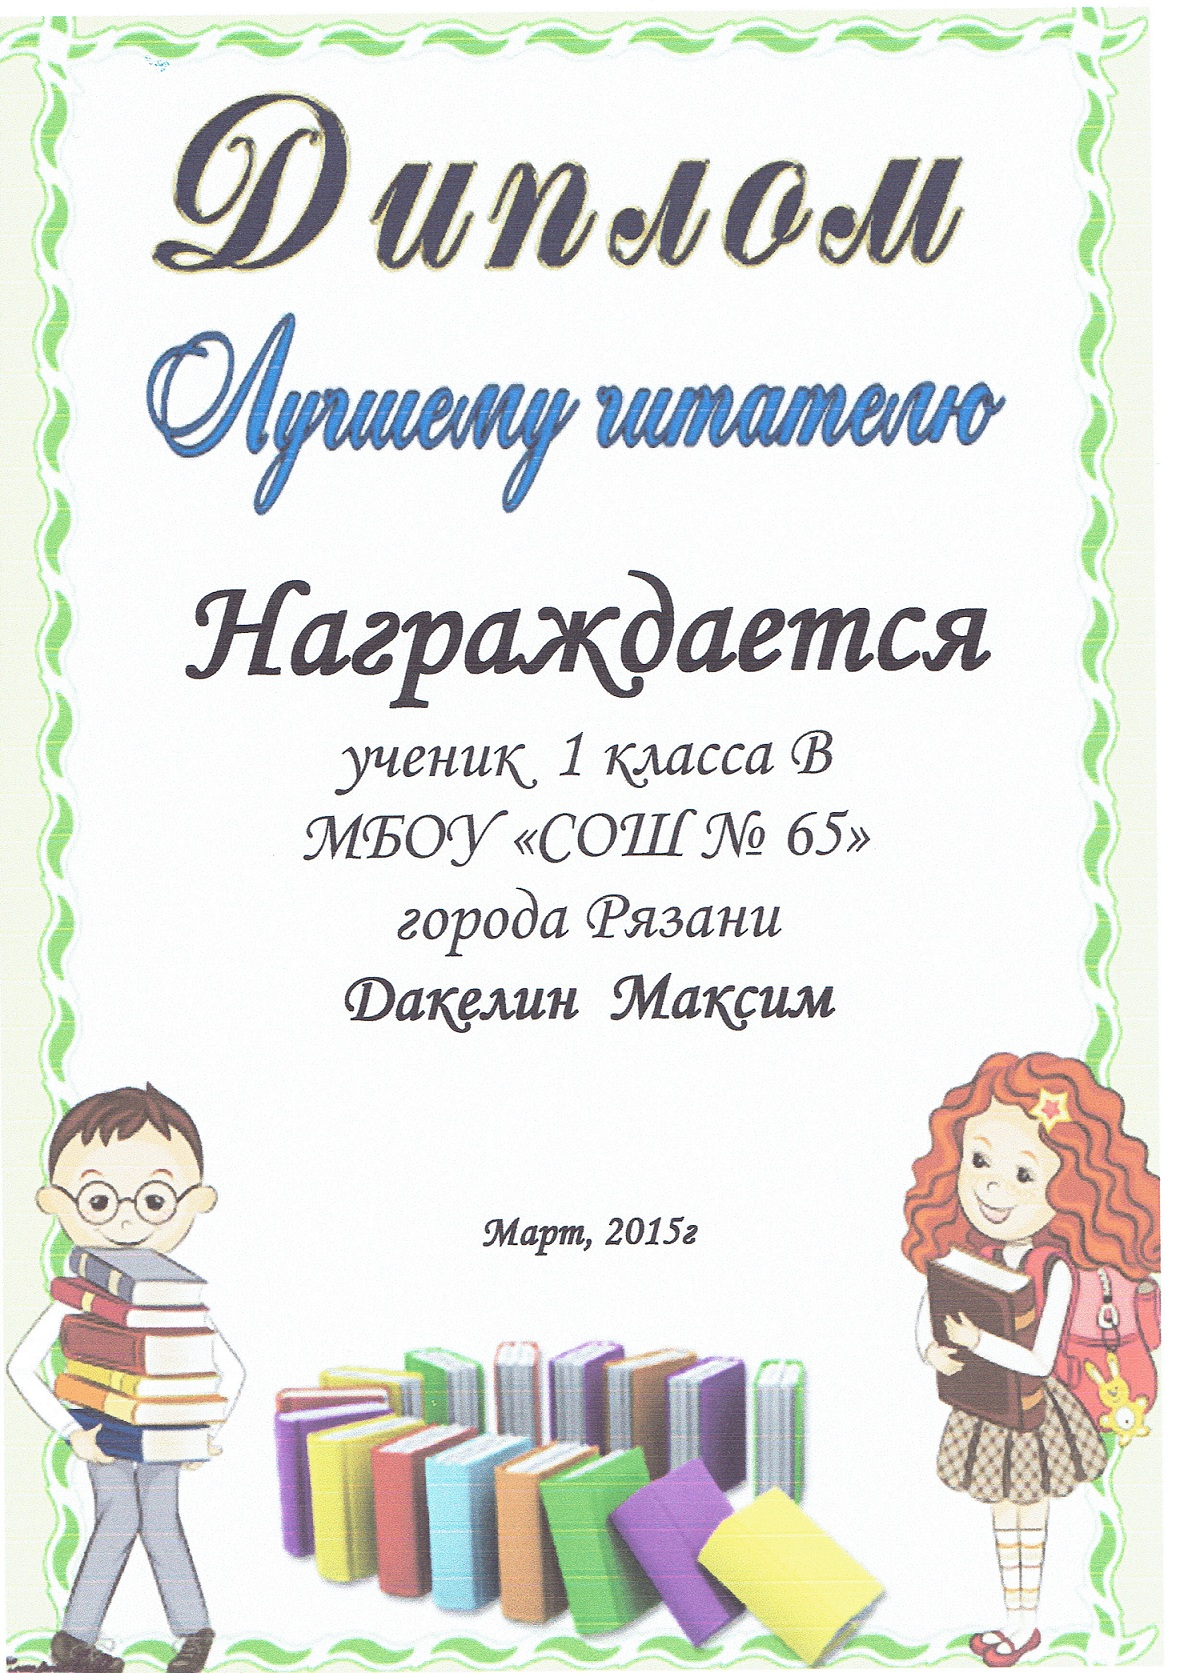 Максим Дакелин Педагогическое интернет сообщество УчПортфолио ру  Диплом лучшему читателю за март 2015